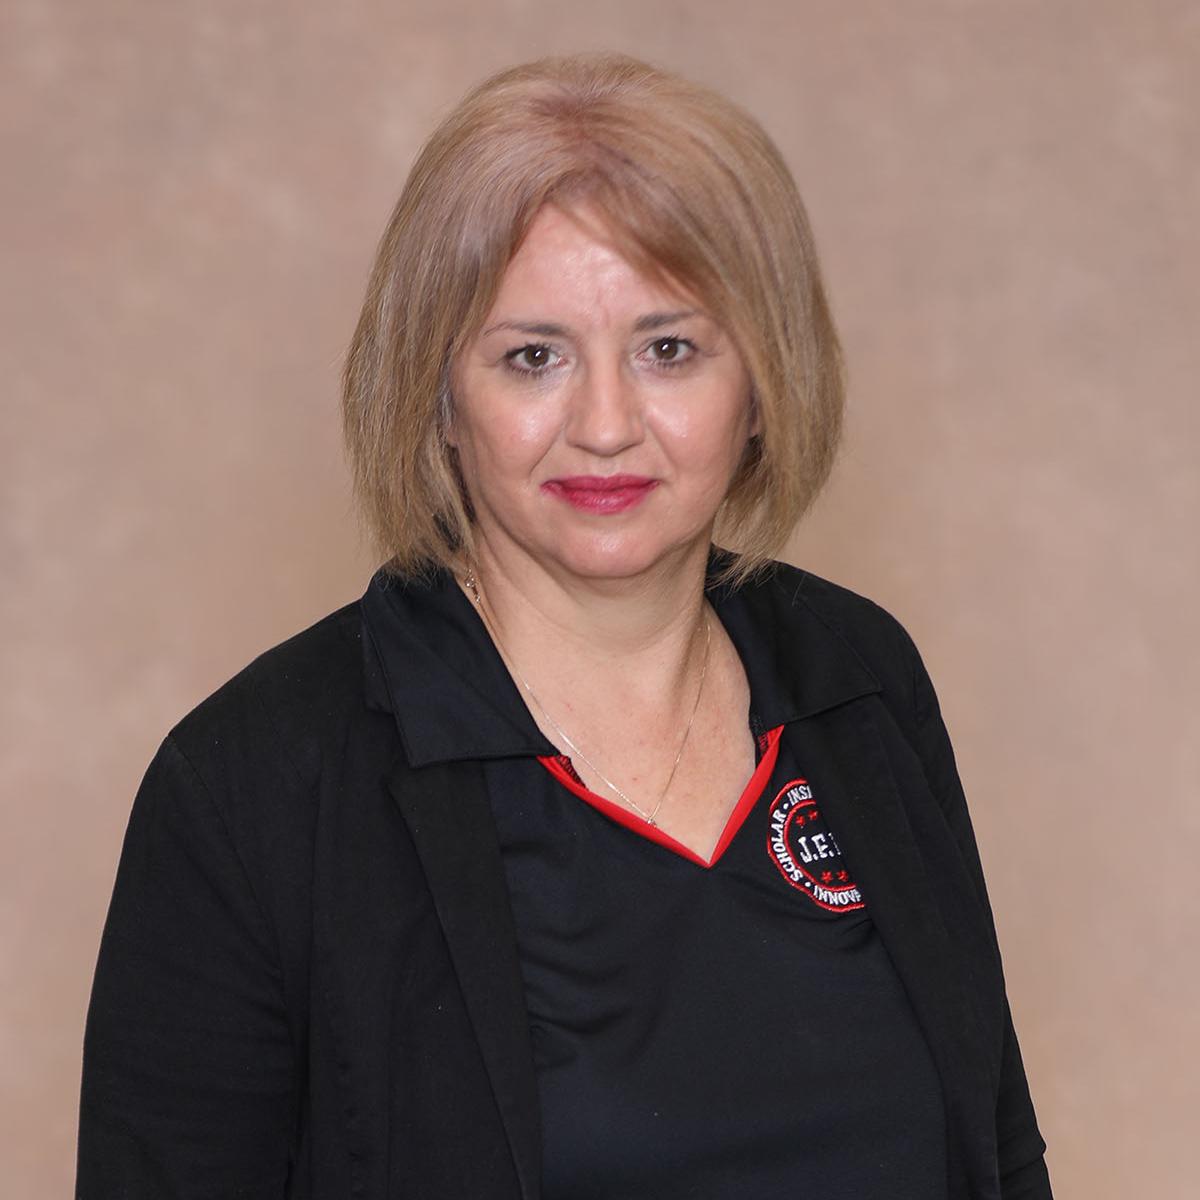 Criselda Martinez